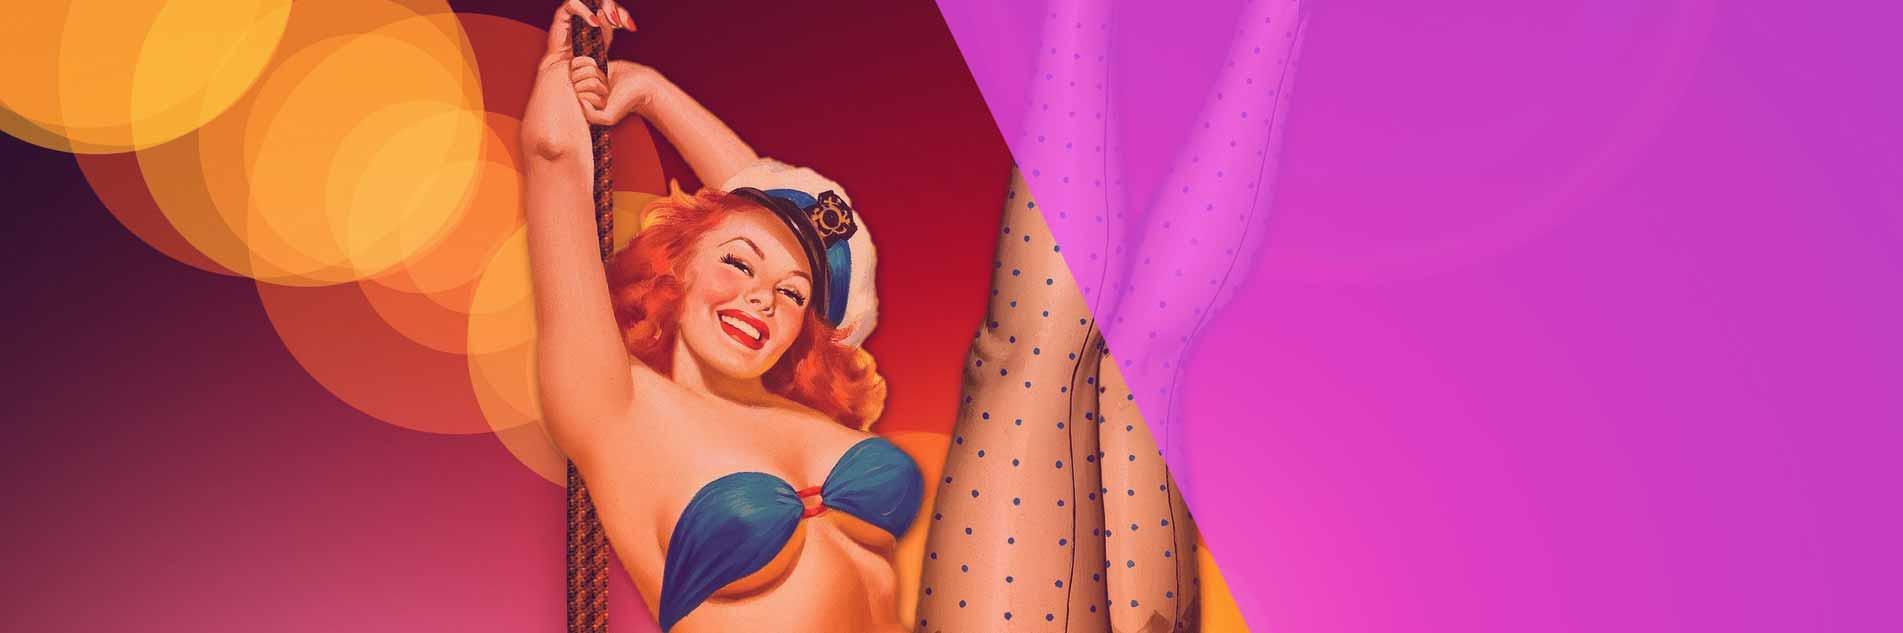 Burlesque - Die Kunst der sinnlichen Enthüllung